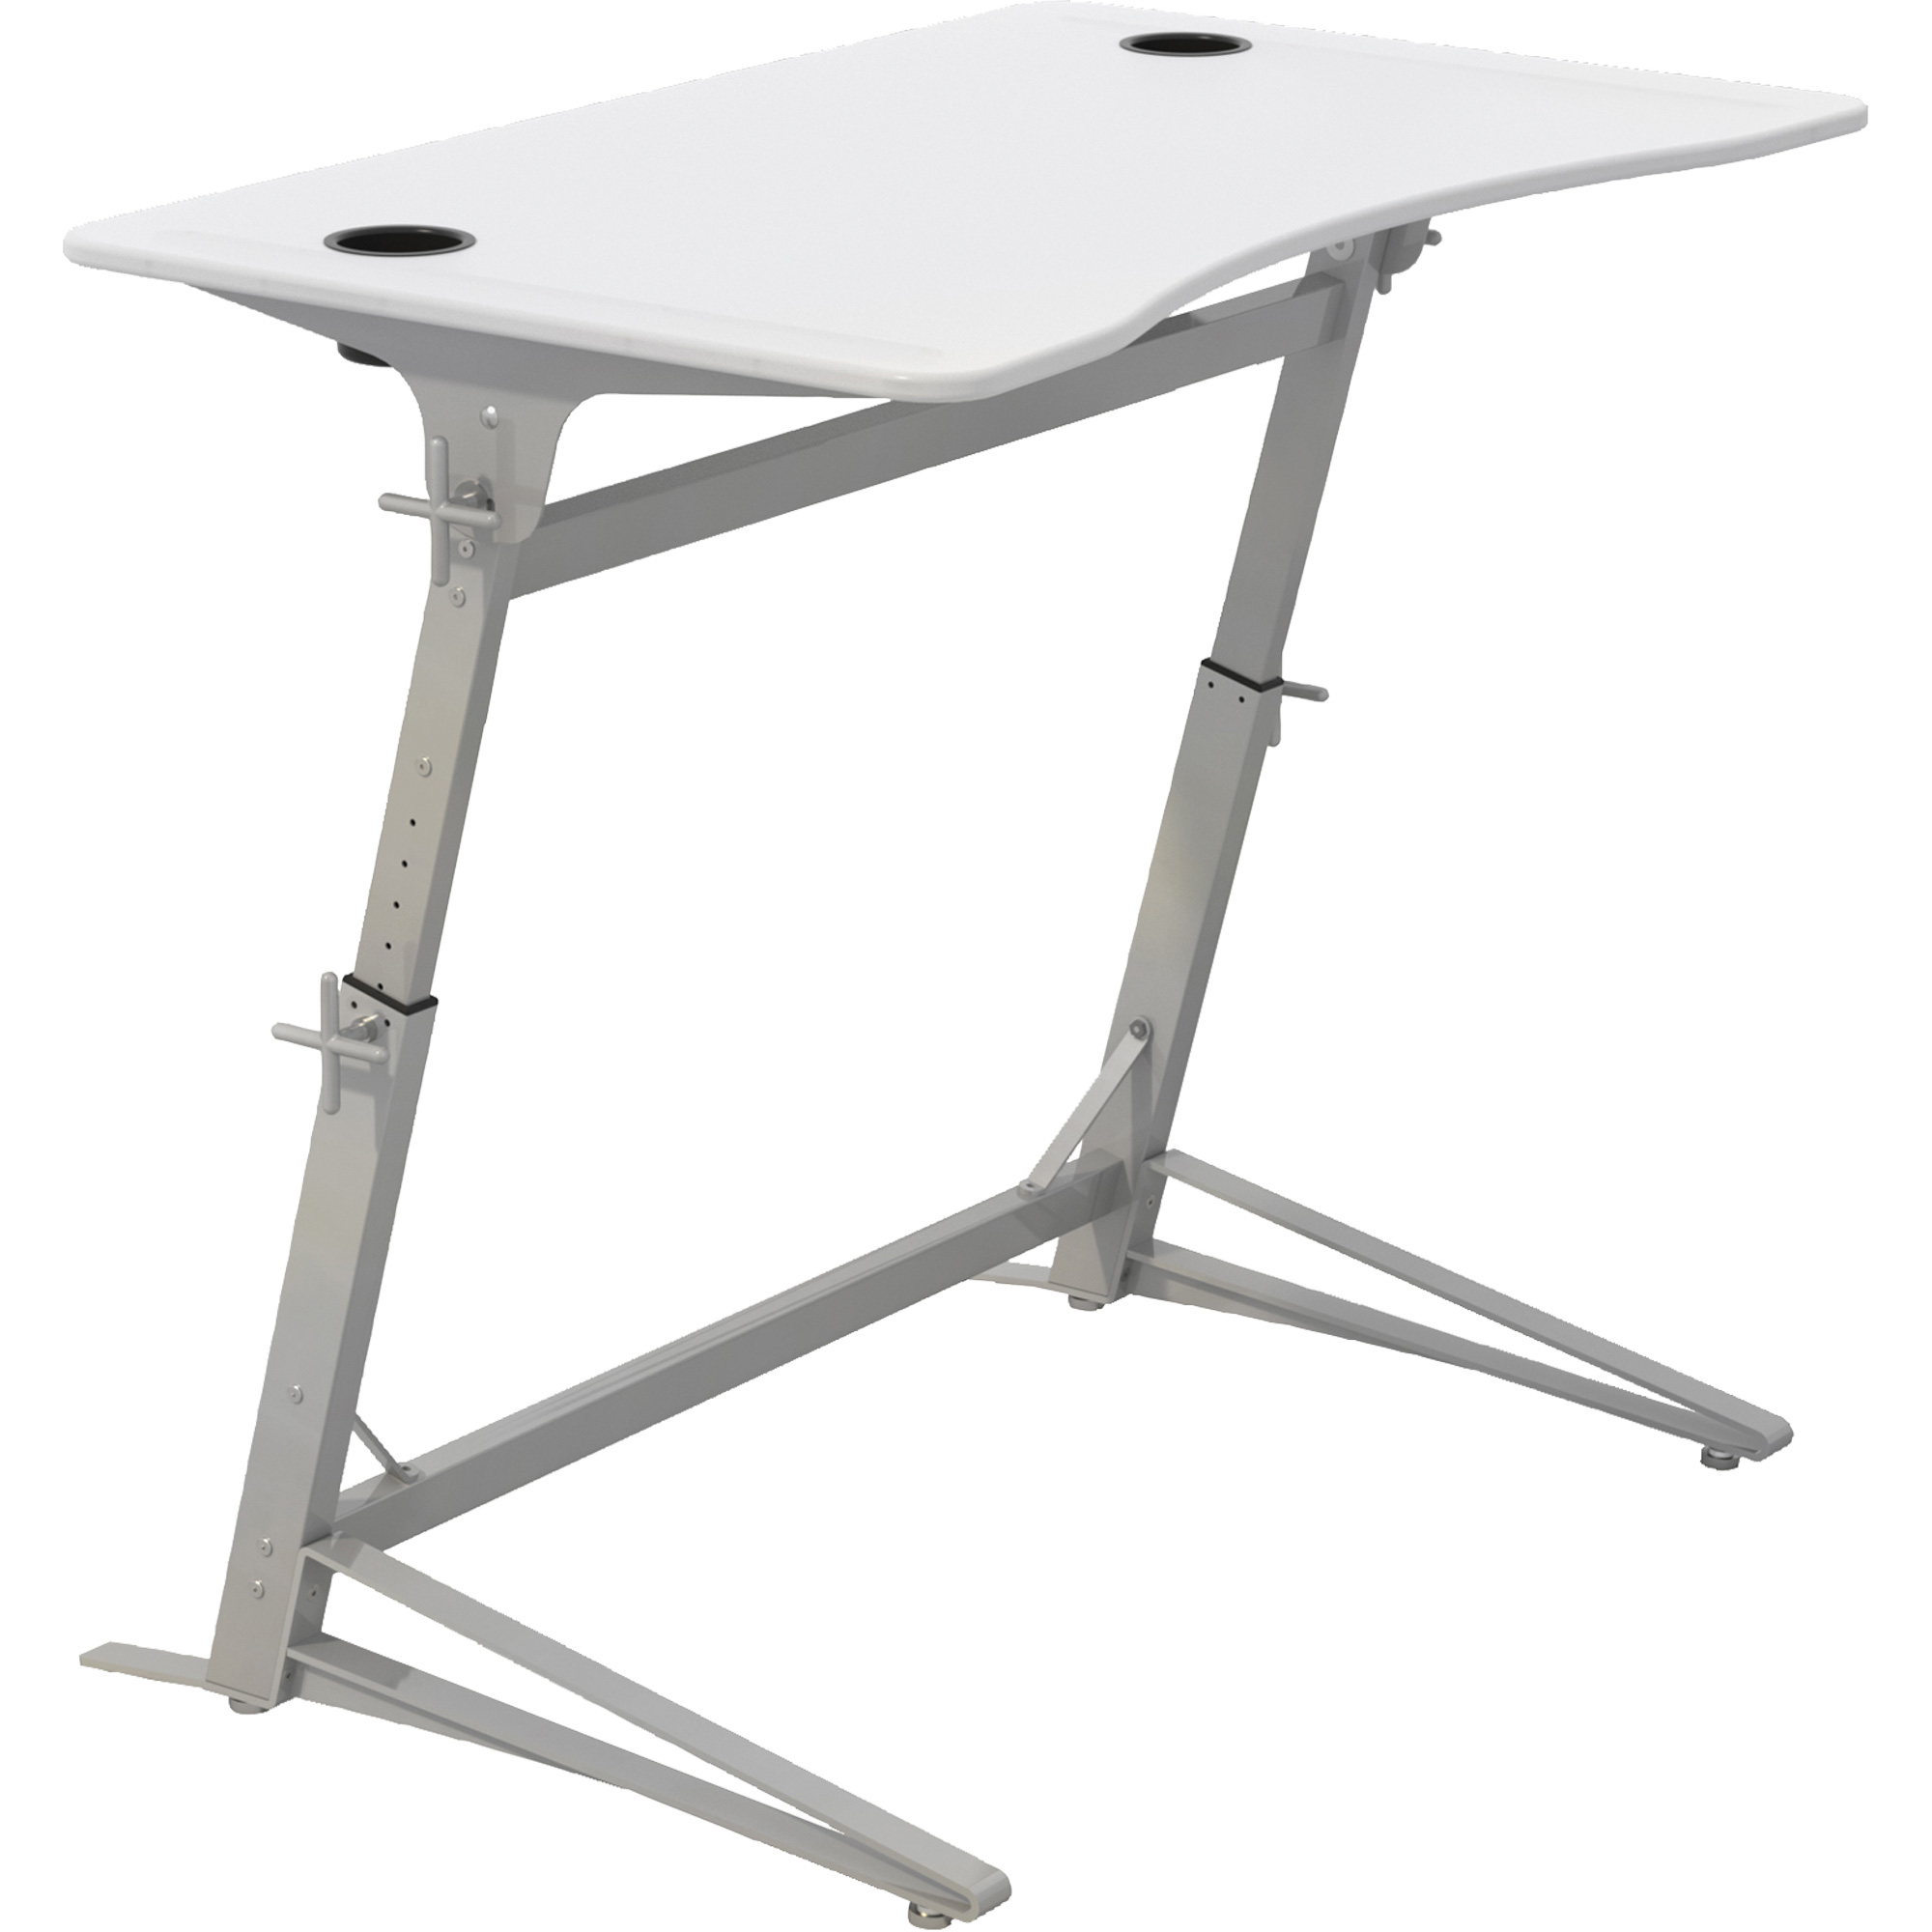 Adjustable Stand Up Desk >> Safco Verve Height Adjustable Stand Up Desk Oq706 1959wh